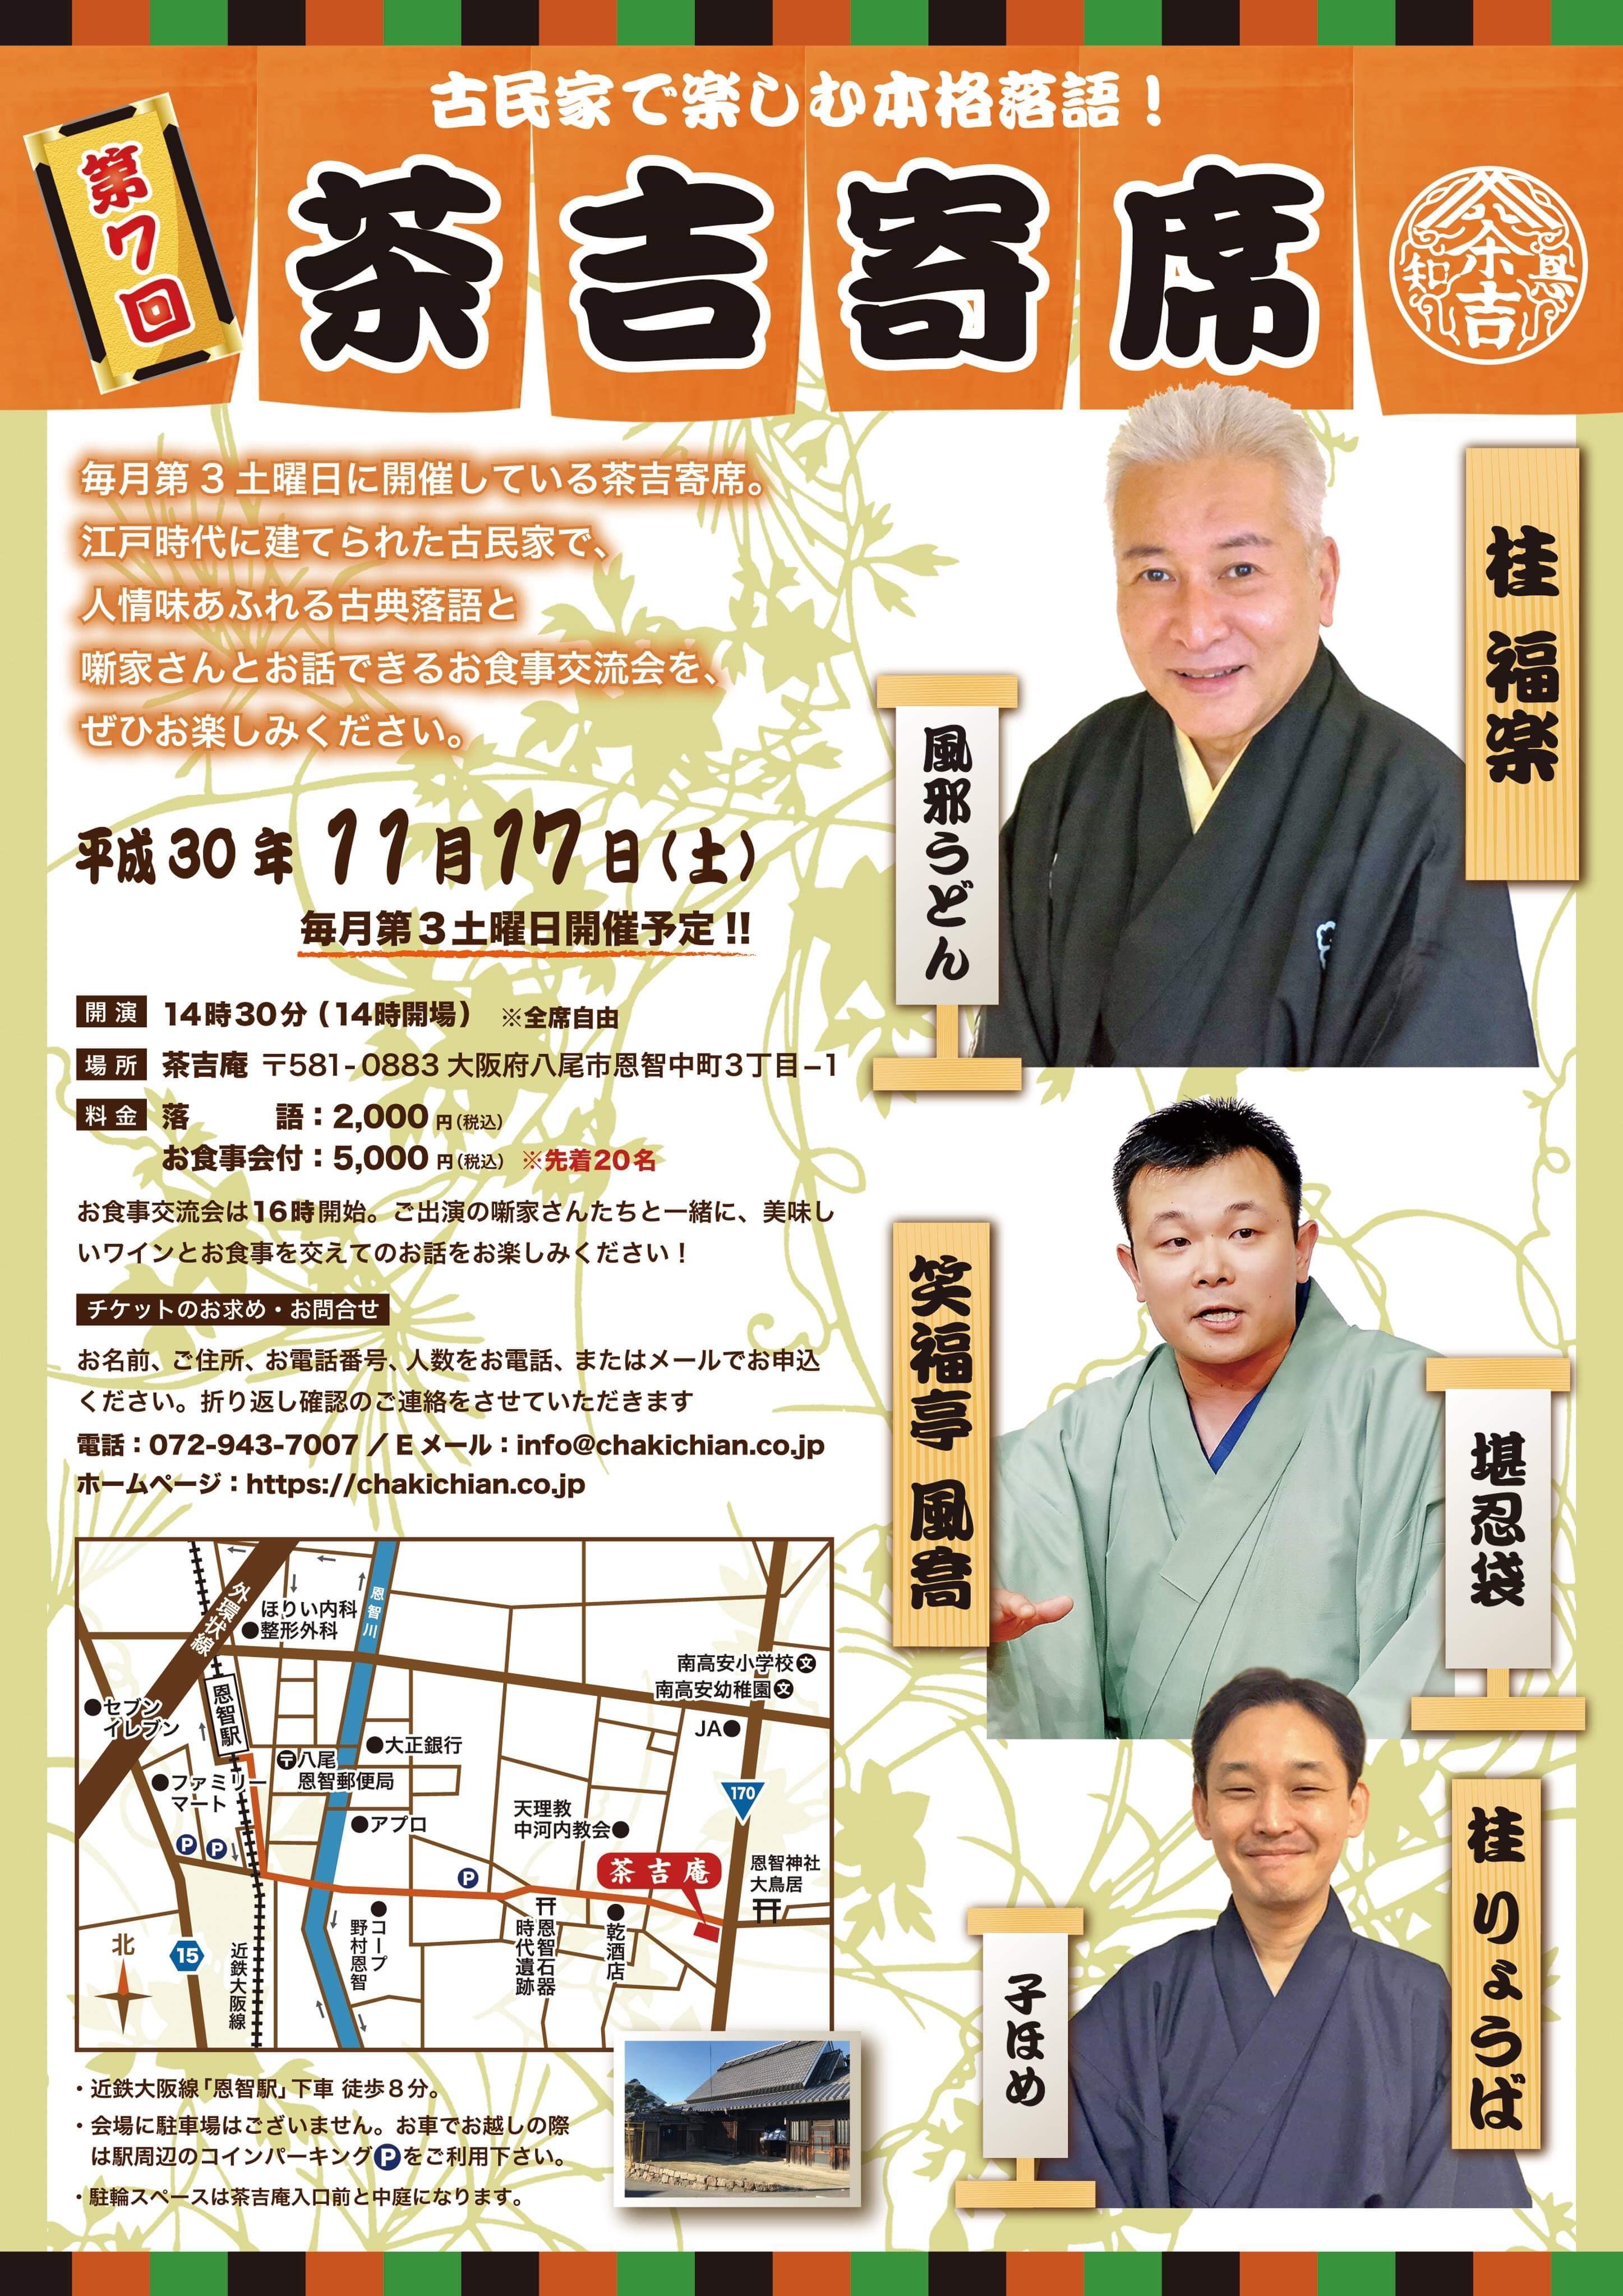 第7回 茶吉寄席 11月17日(土)14時30分〜桂福楽さん・笑福亭風喬さん・桂りょうばさん